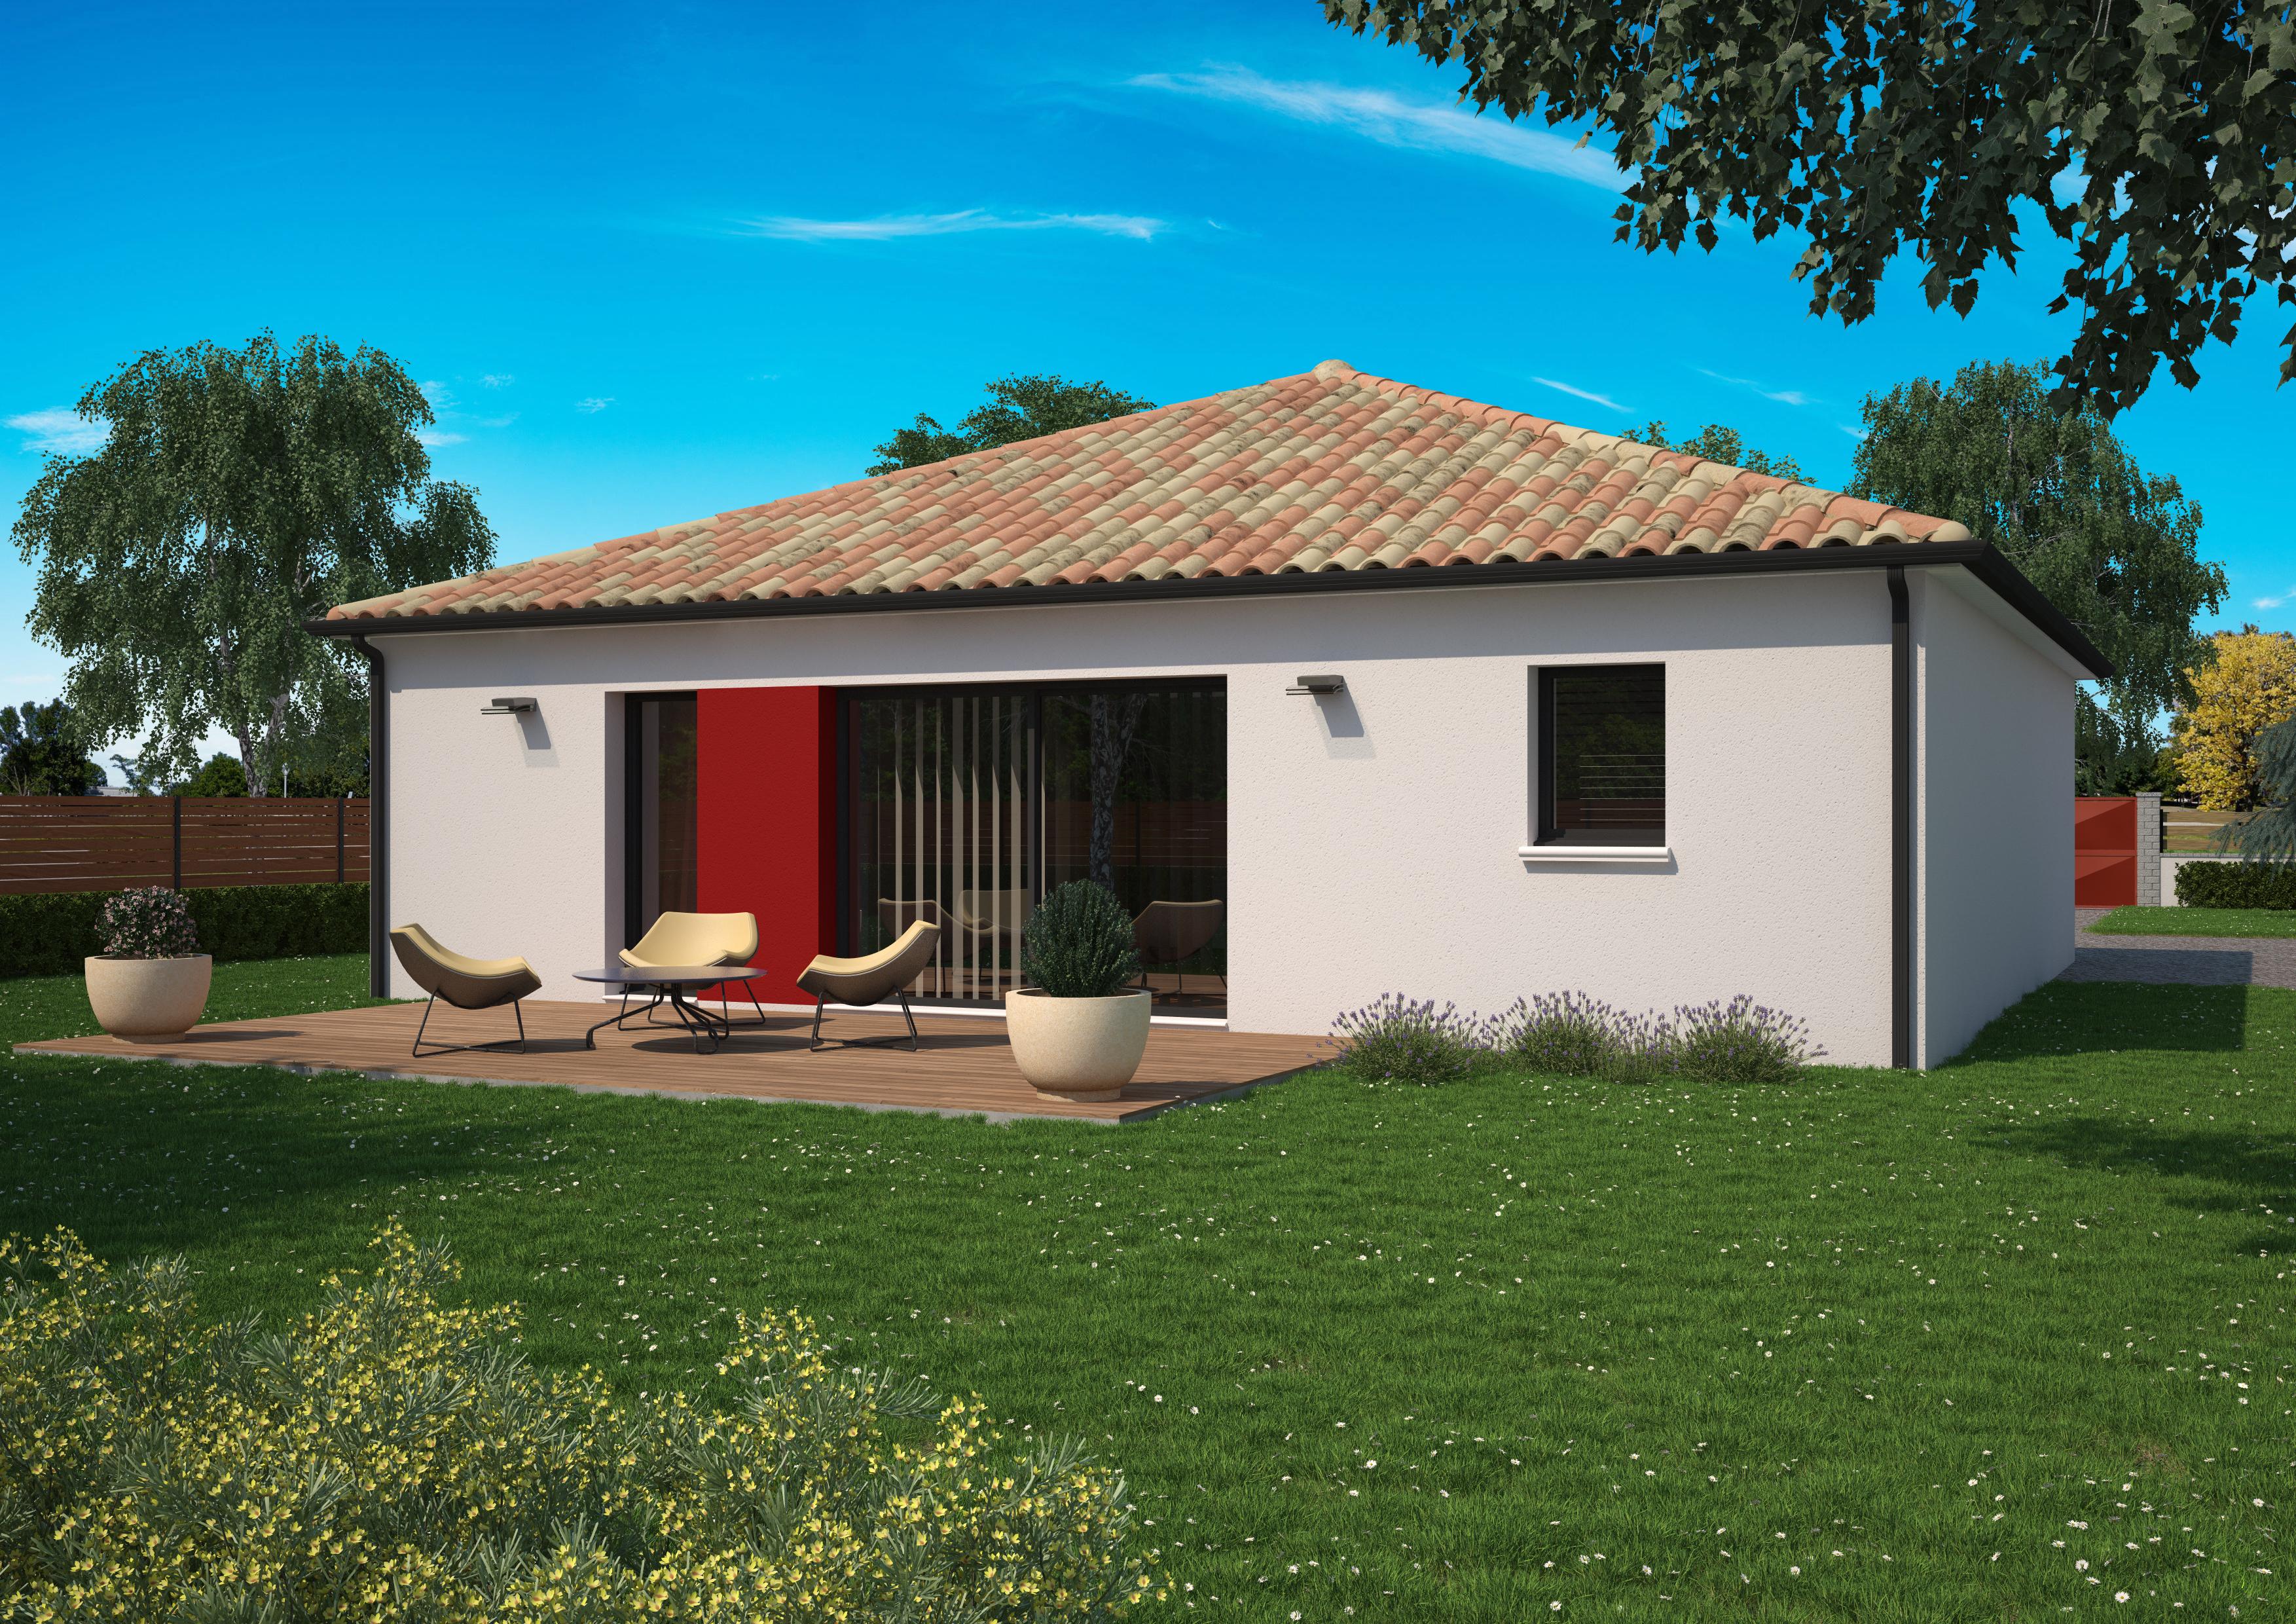 Maison à vendre à Vensac